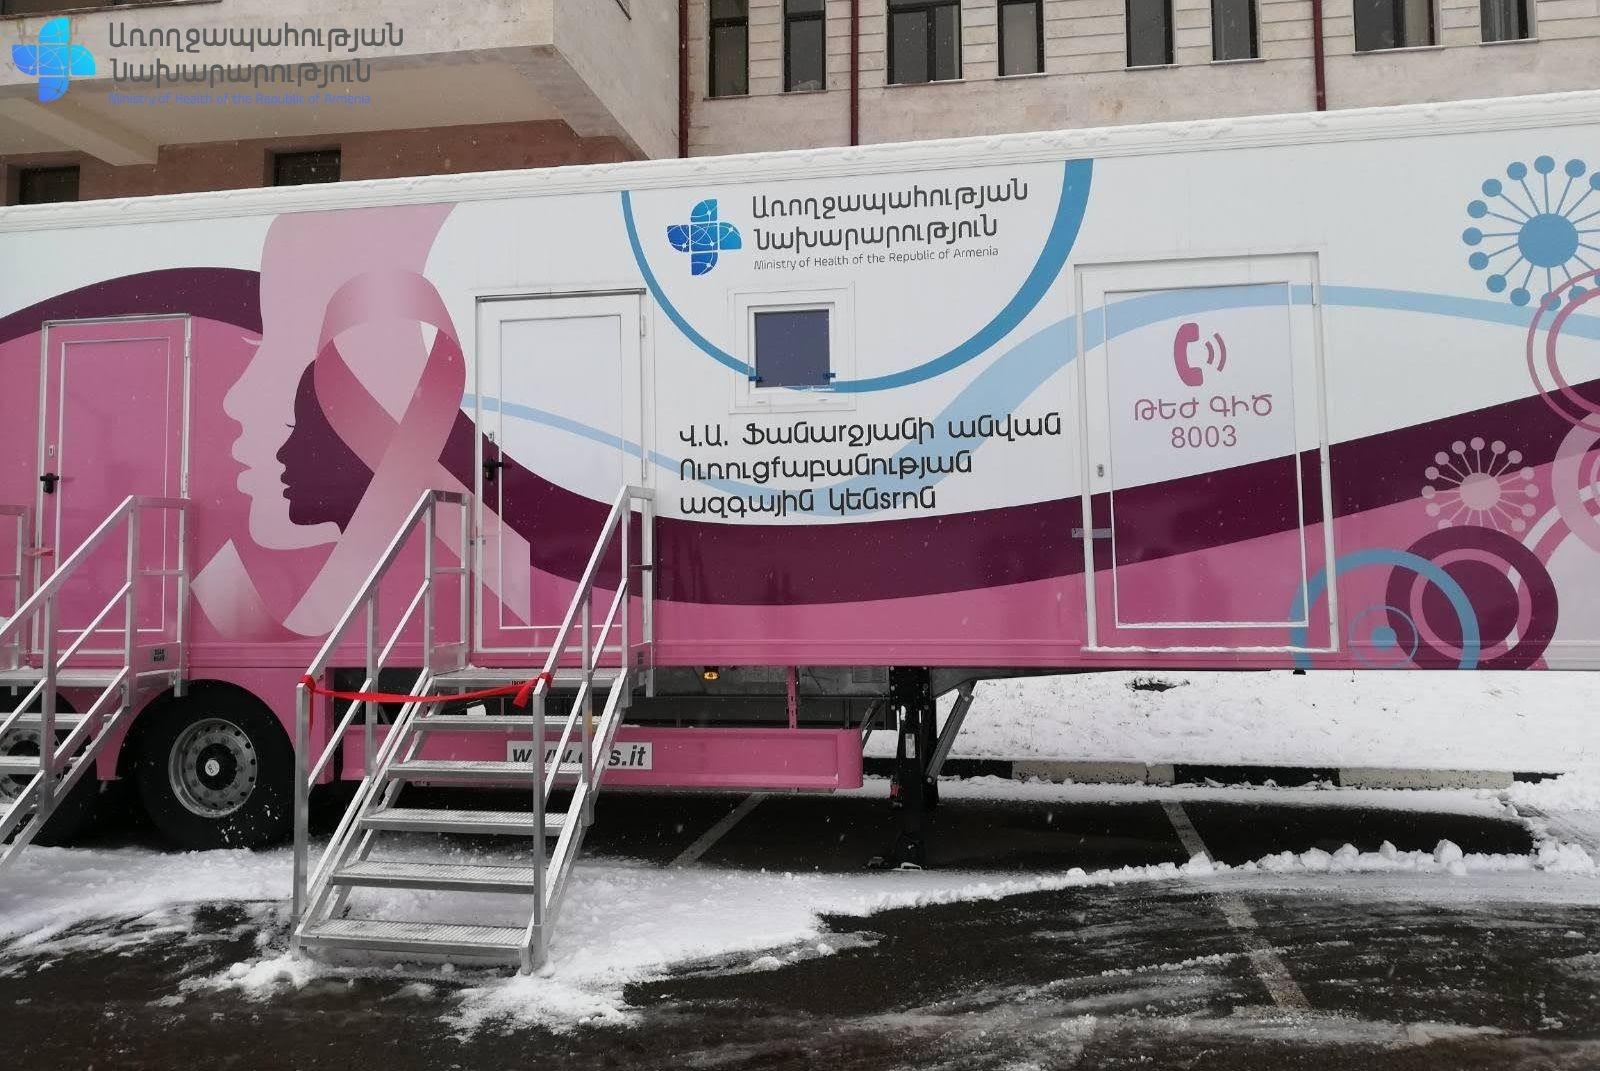 Photo of Կրծքագեղձի քաղցկեղի վաղ հայտնաբերմանն ու կանխարգելմանն ուղղված մամոգրաֆիայի պիլոտային ծրագրի մեկնարկը տրված է